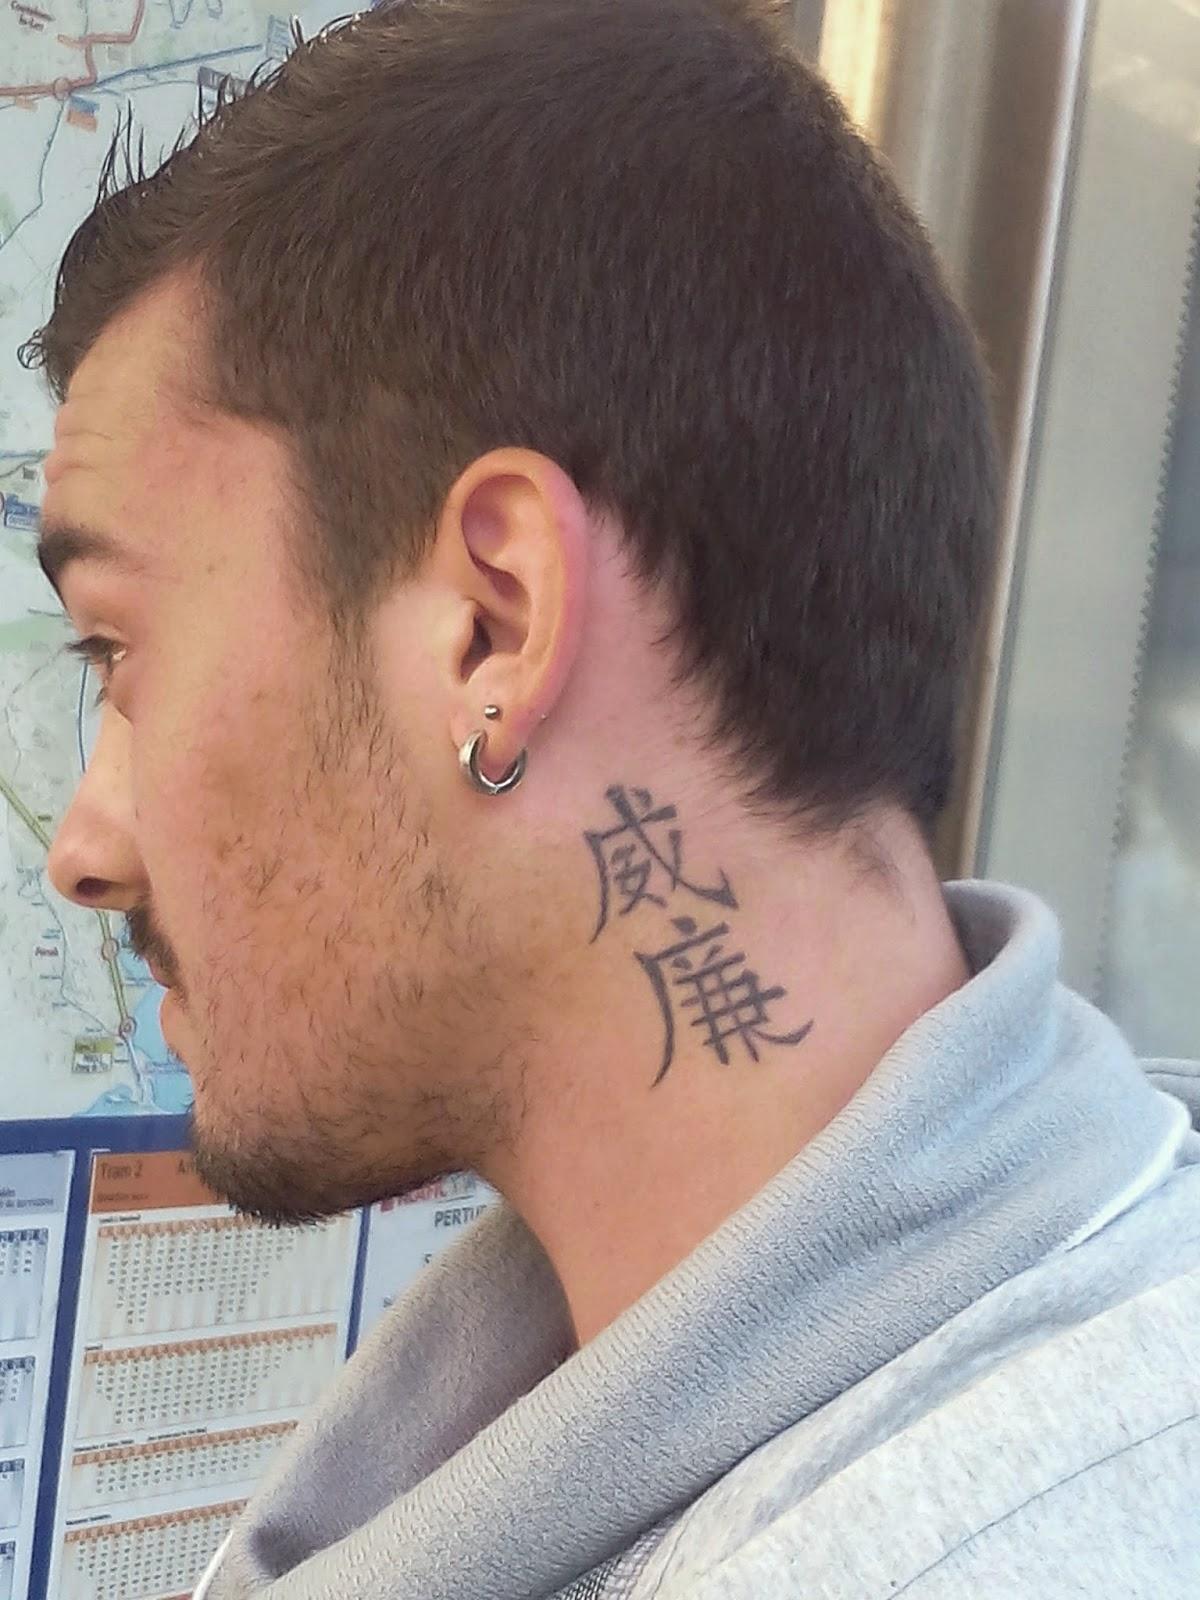 Prénom chinois en calligraphie chinoise tatouage - prenom en chinois tatouage